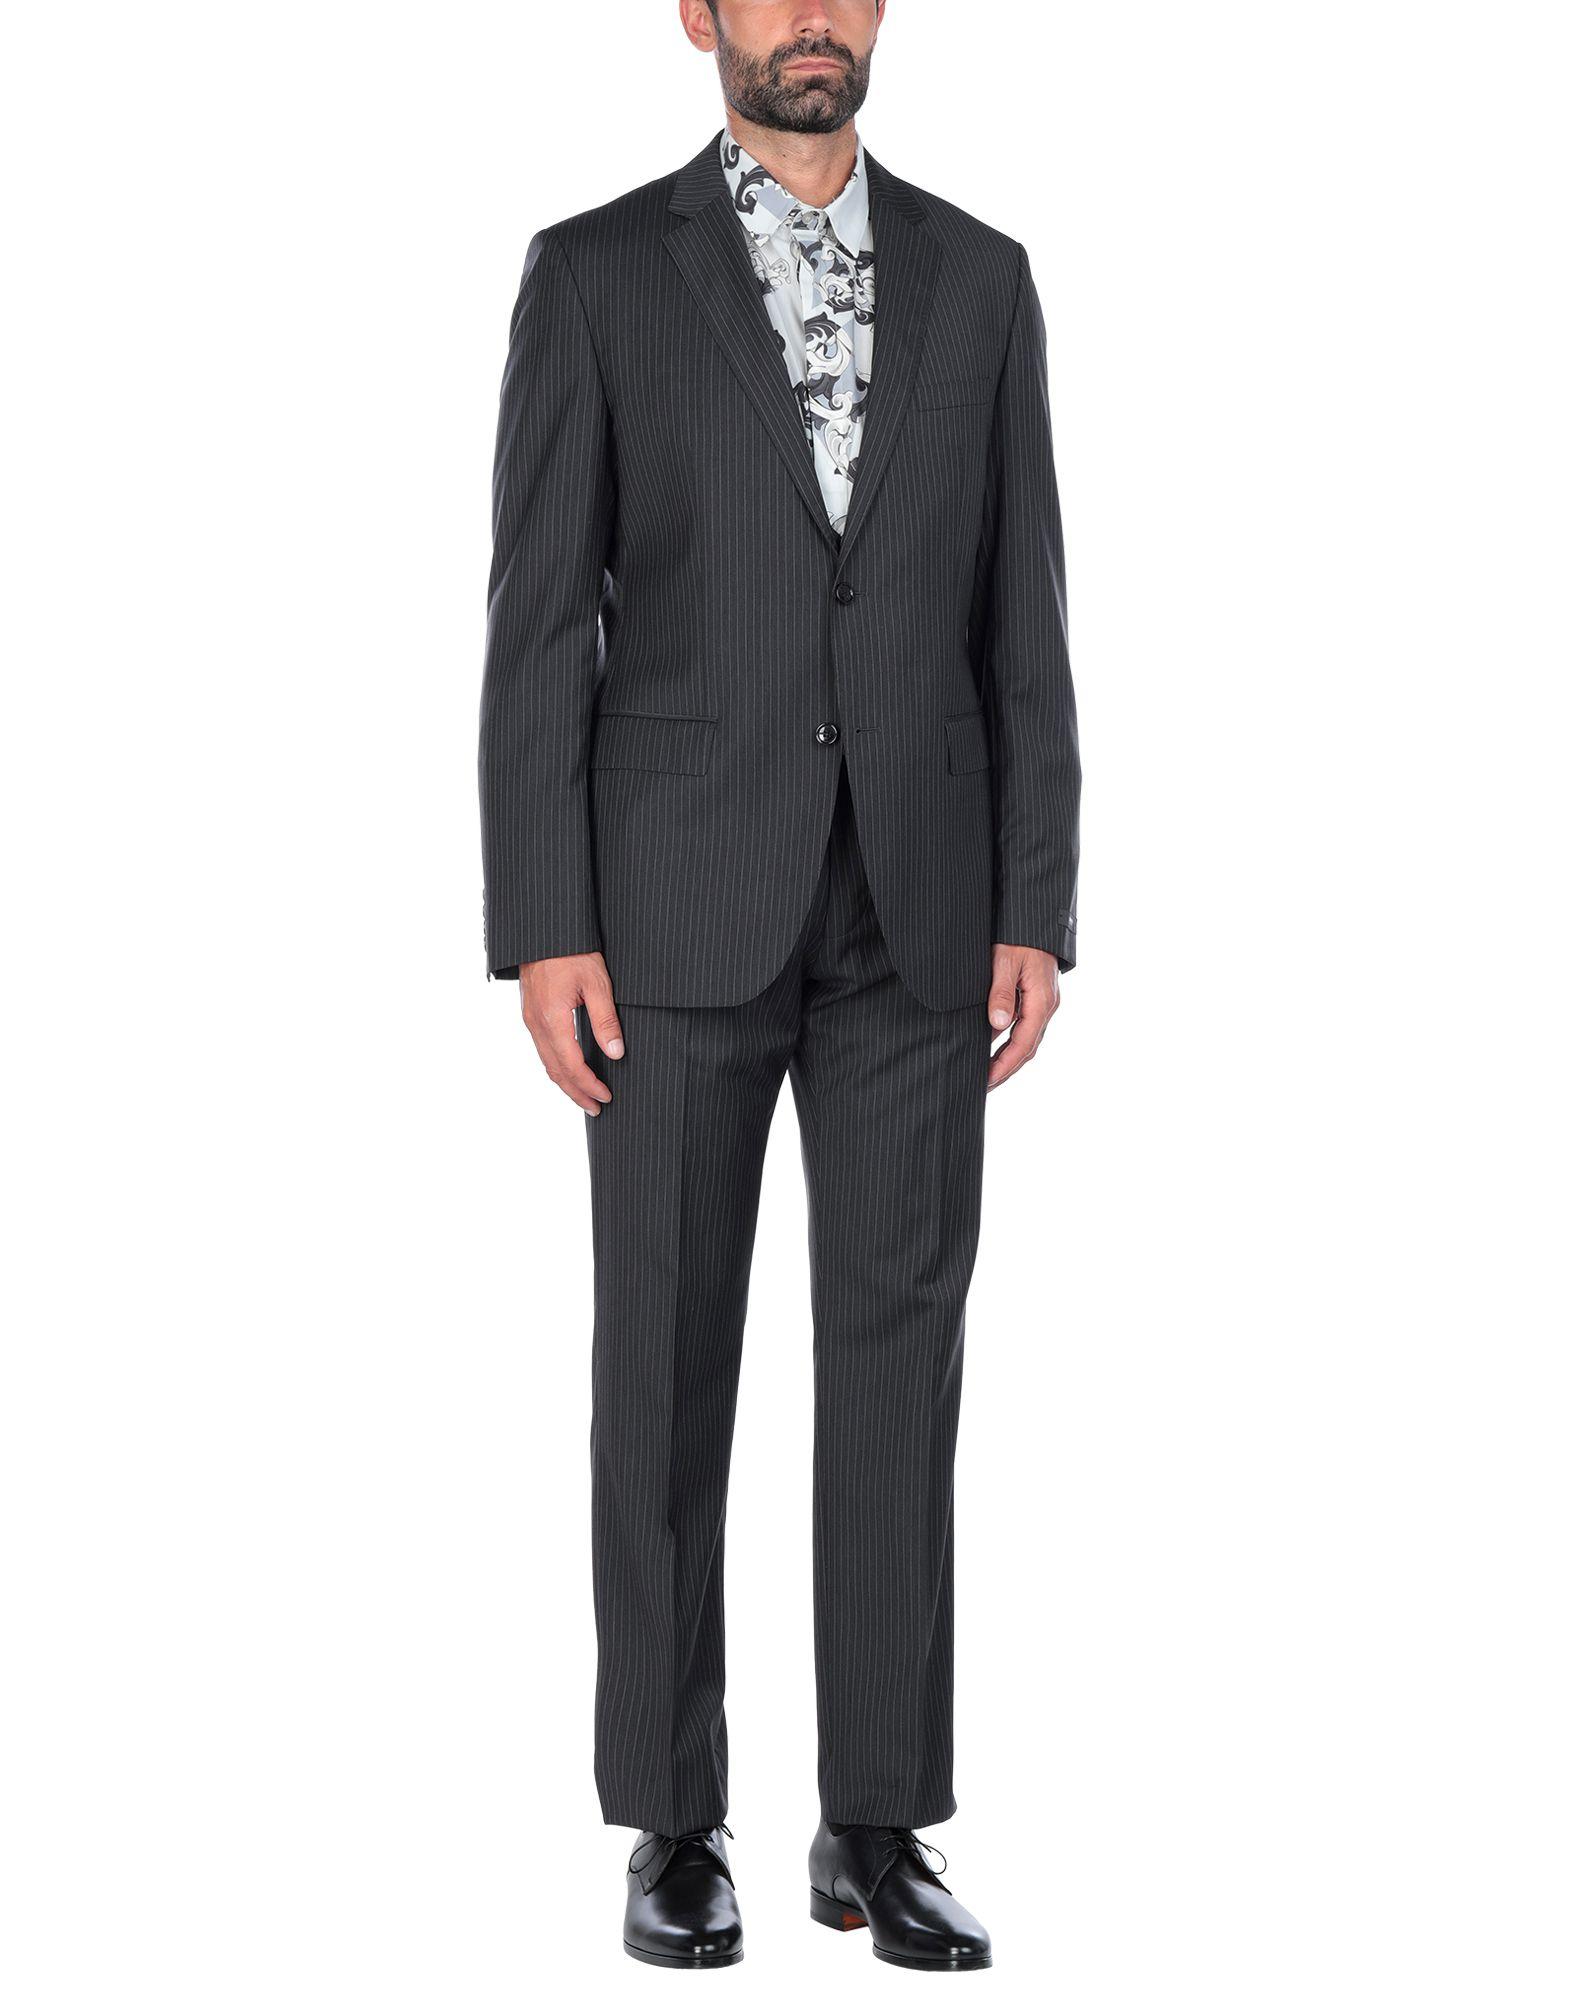 BOSS HUGO BOSS Костюм купить костюм hugo boss в интернет магазине